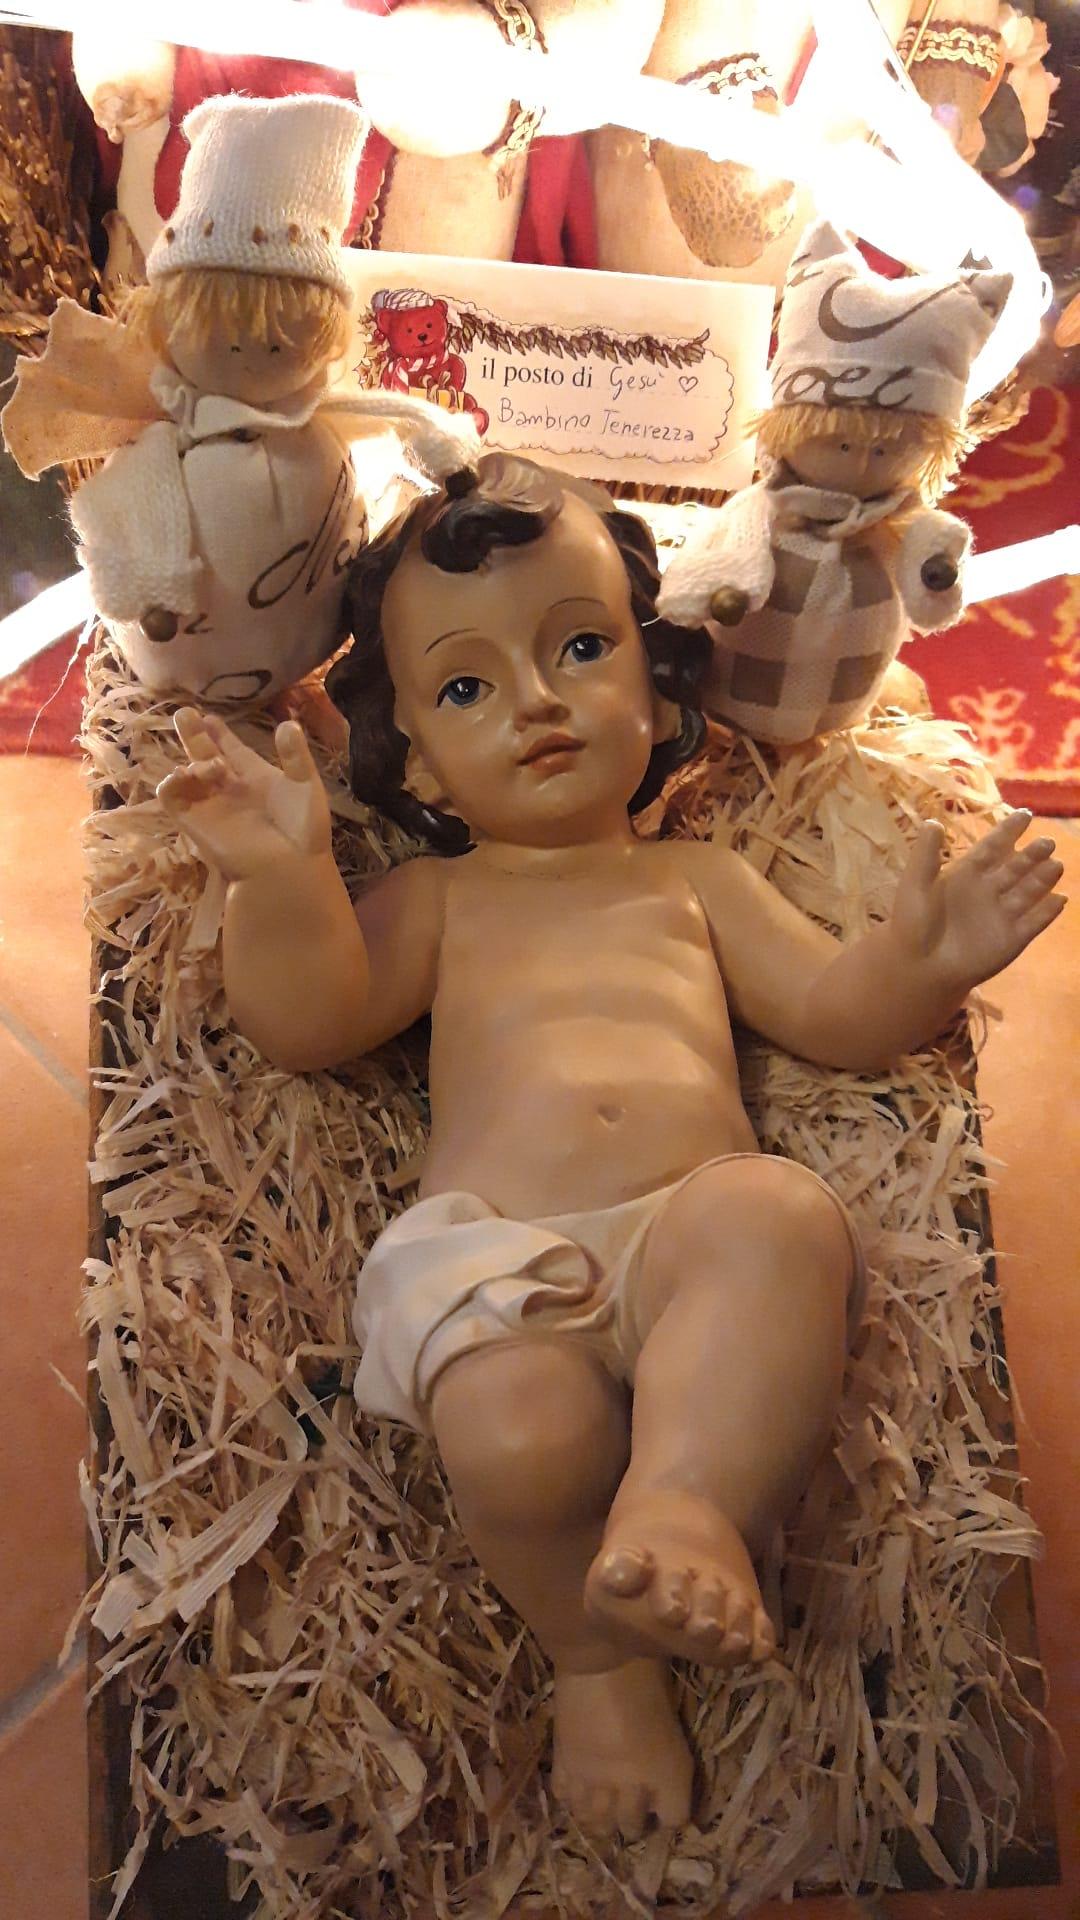 Gesù Bambino della Tenerezza